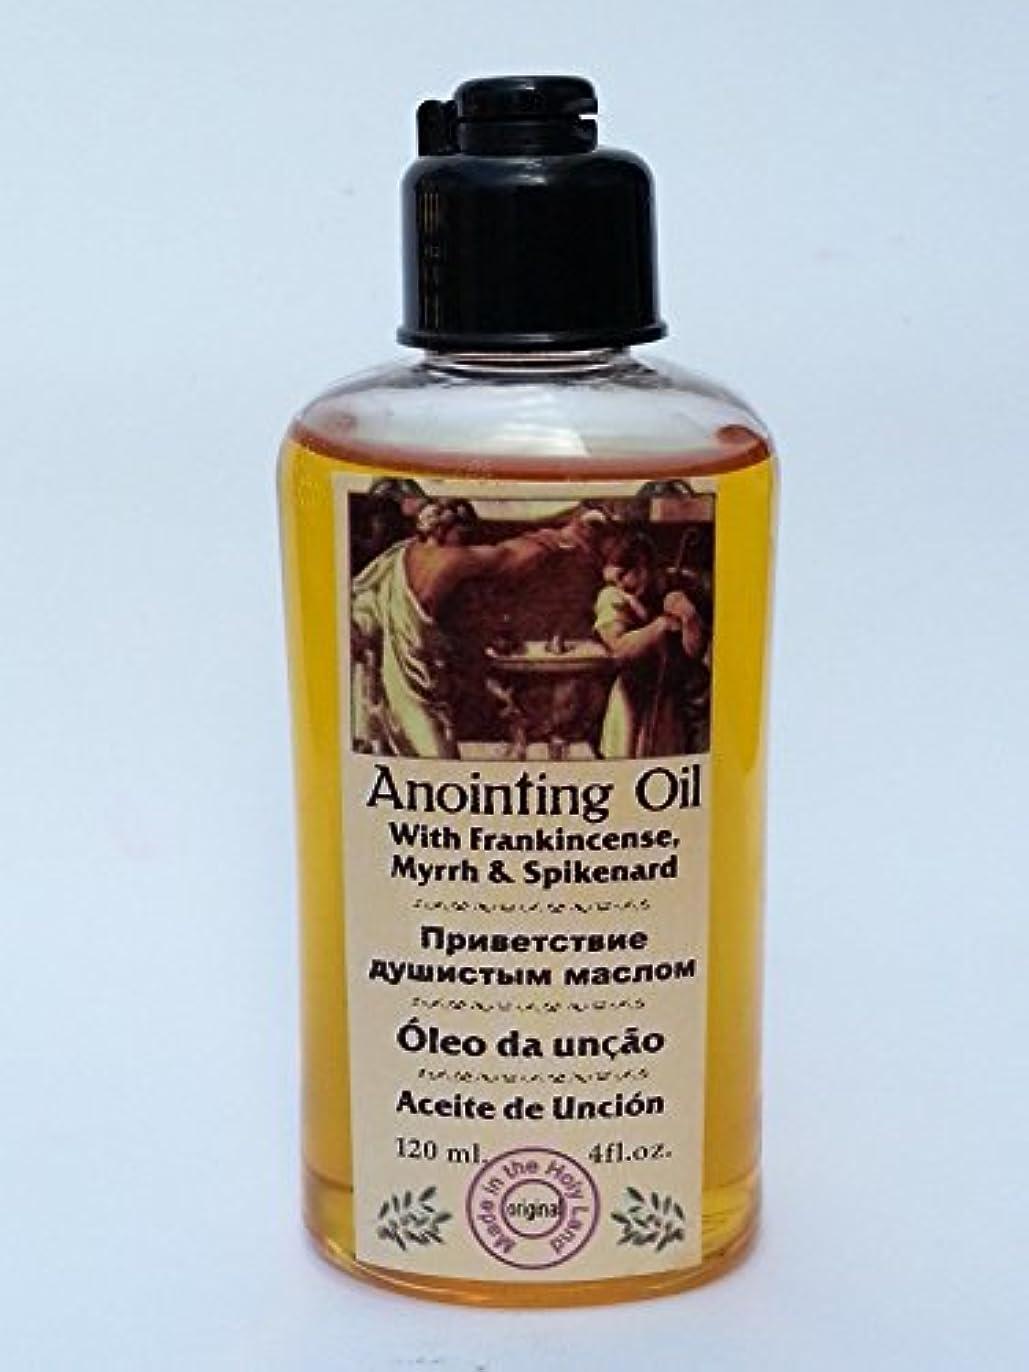 驚悪質な連続したAnointing Oil with Frankincense、Myrrh and Spikenard 120 ml byベツレヘムギフトTM